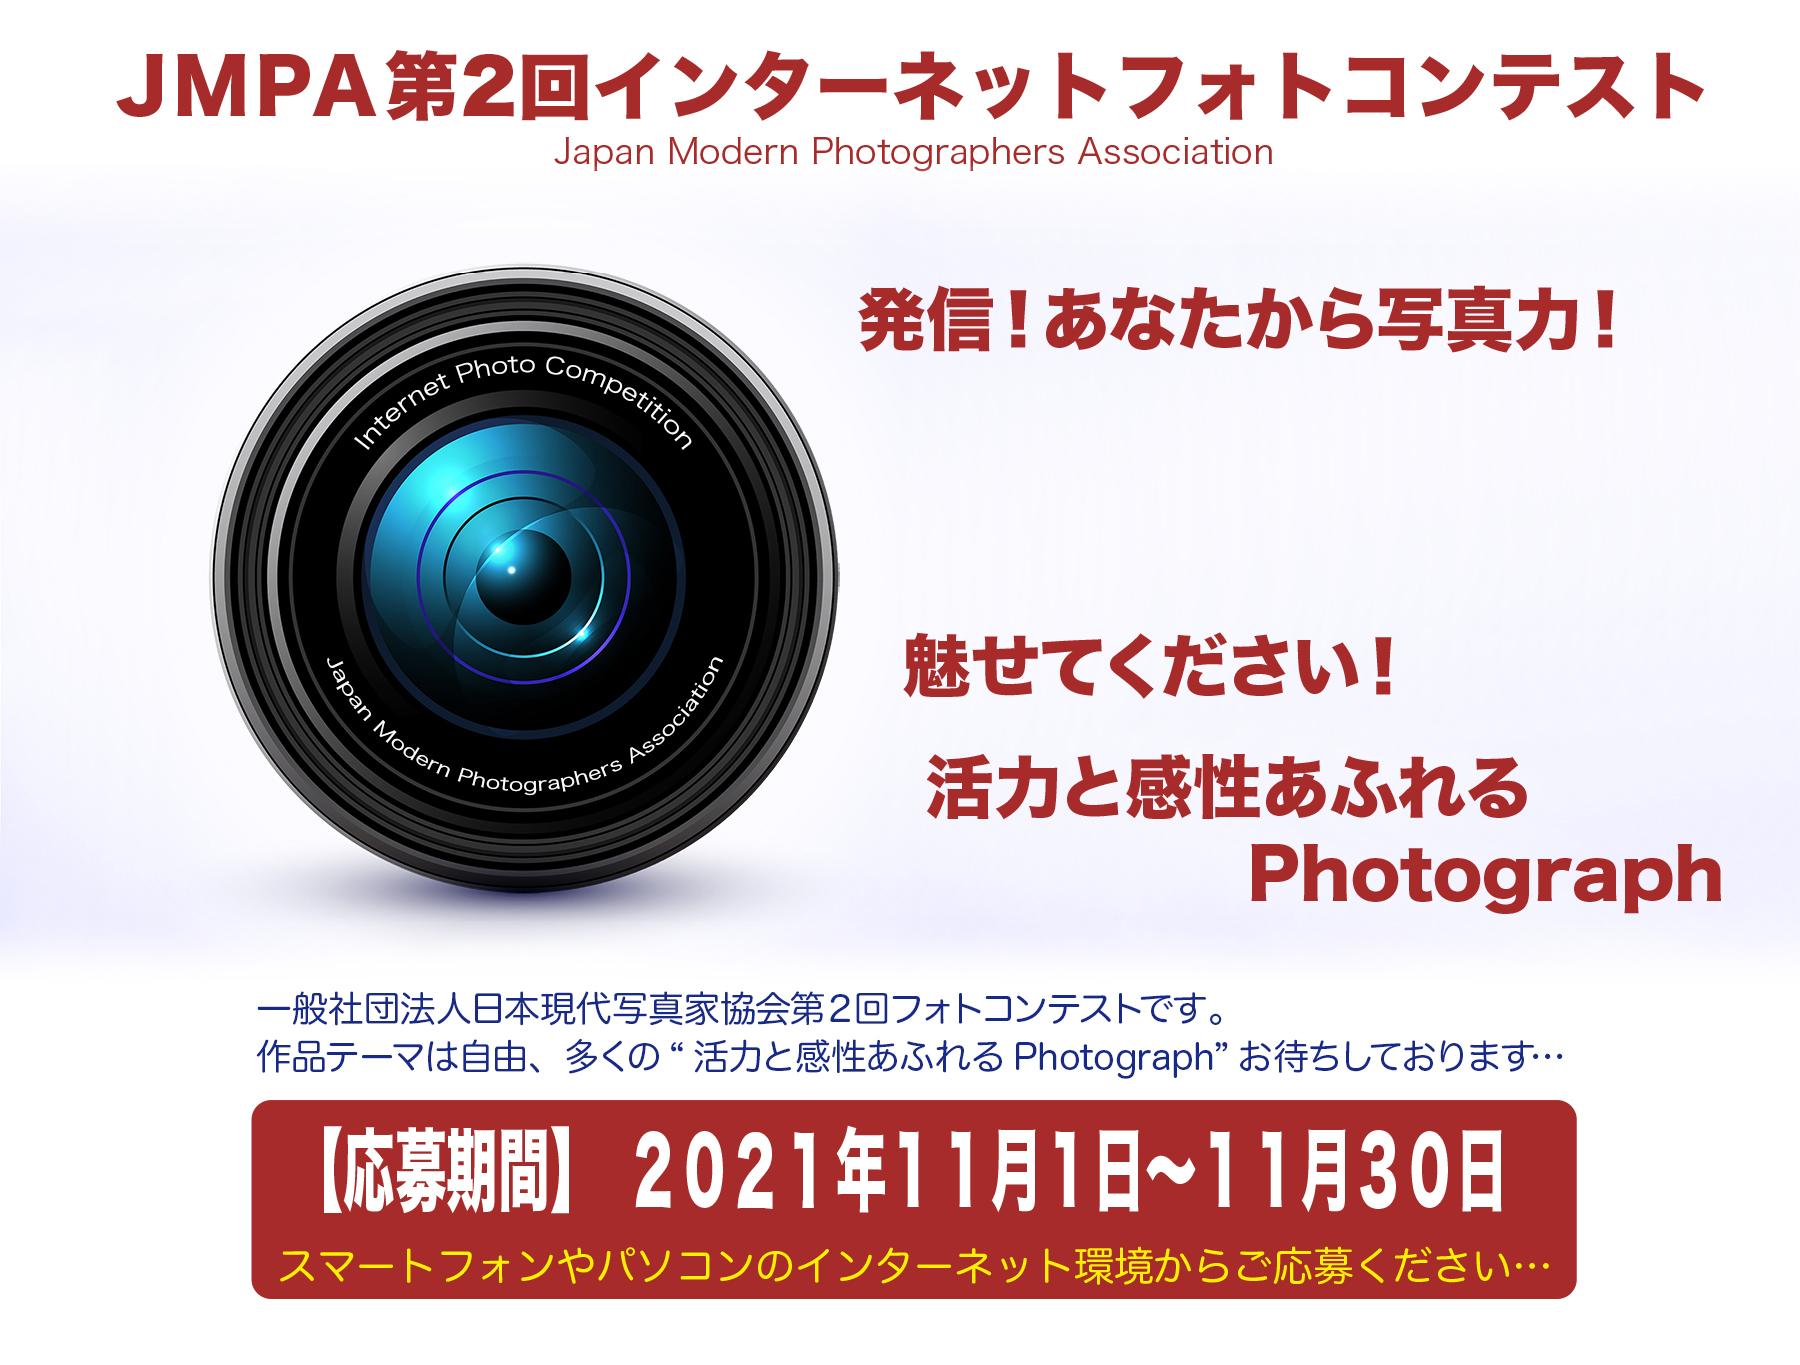 JMPA 第2回インターネットフォトコンテストを開催!